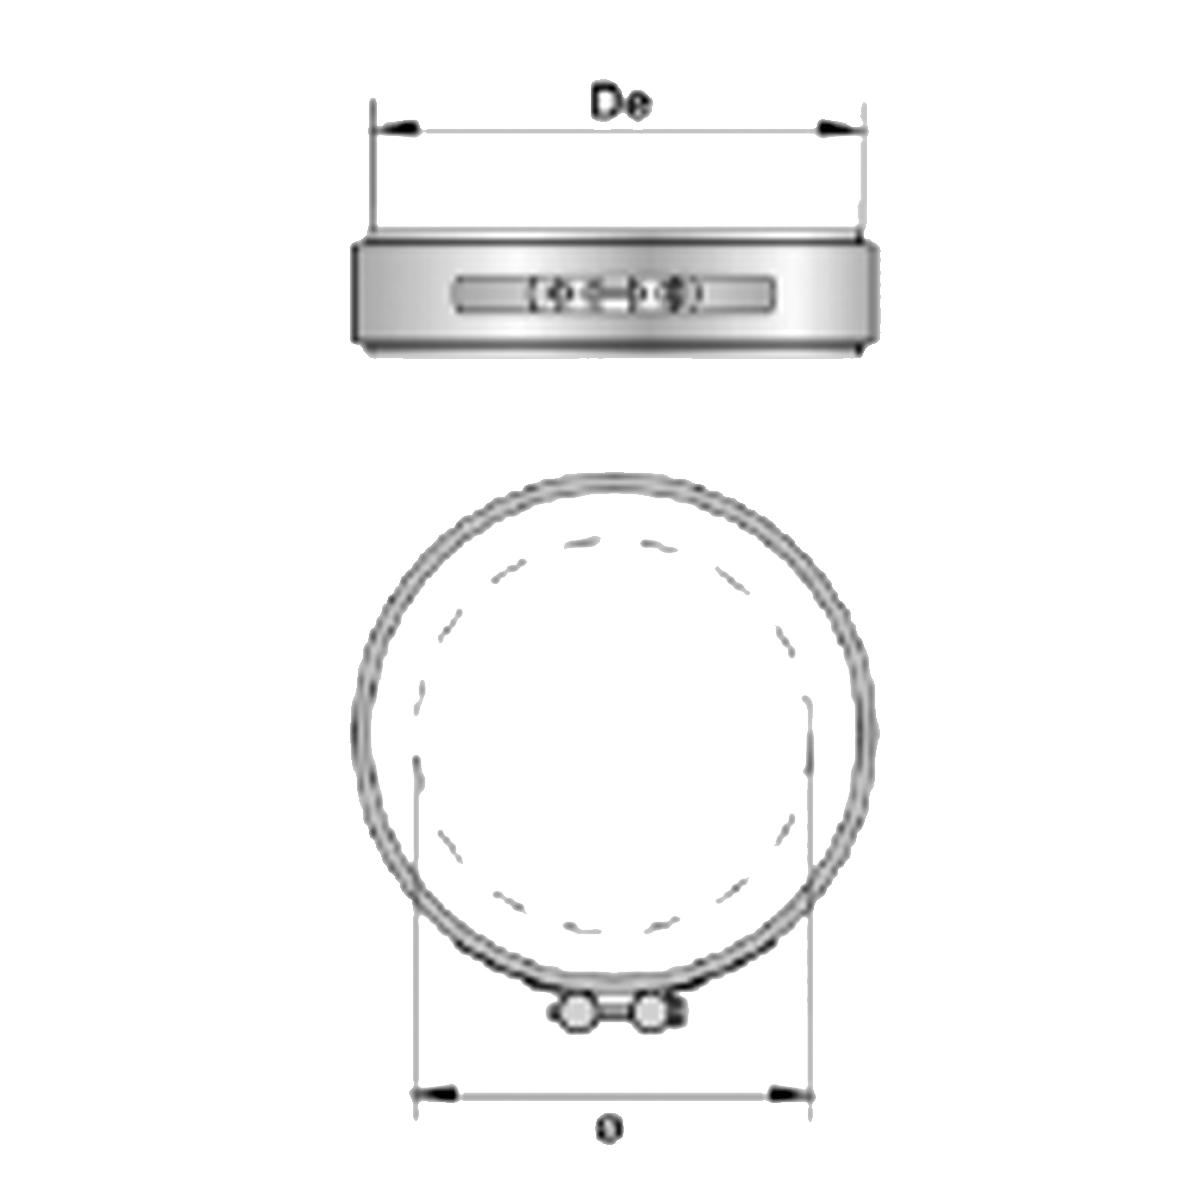 Afvoer DW klembeugel-Ø130mm